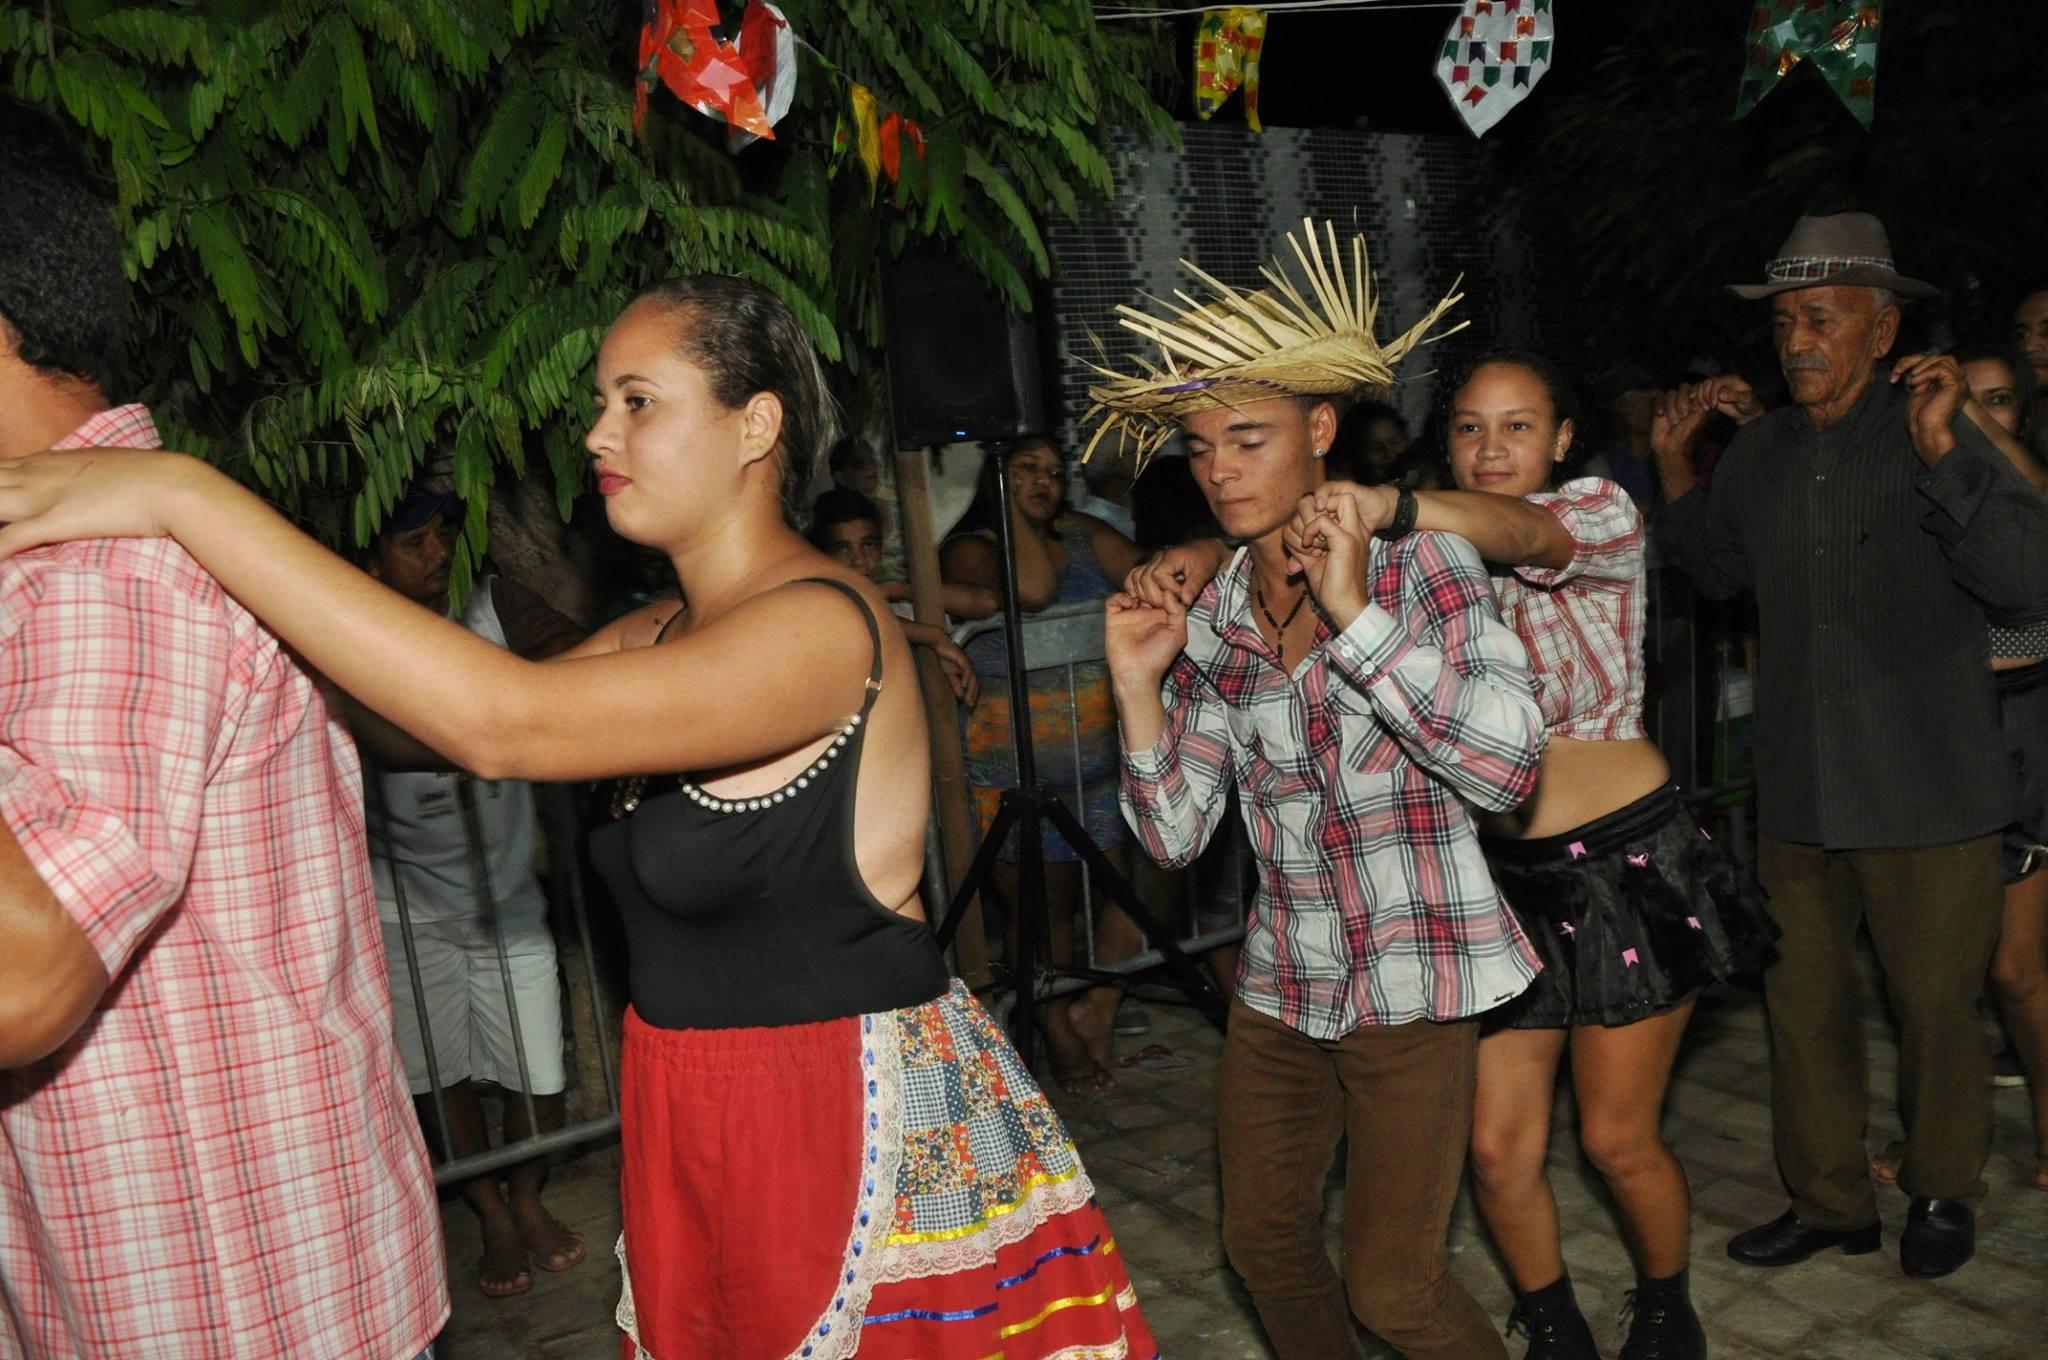 19055756_1899329970340193_5608689052328468876_o-1024x680 OPIPOCO mostra como foi a Segunda noite do festival de quadrilhas em Monteiro. Confira Imagens